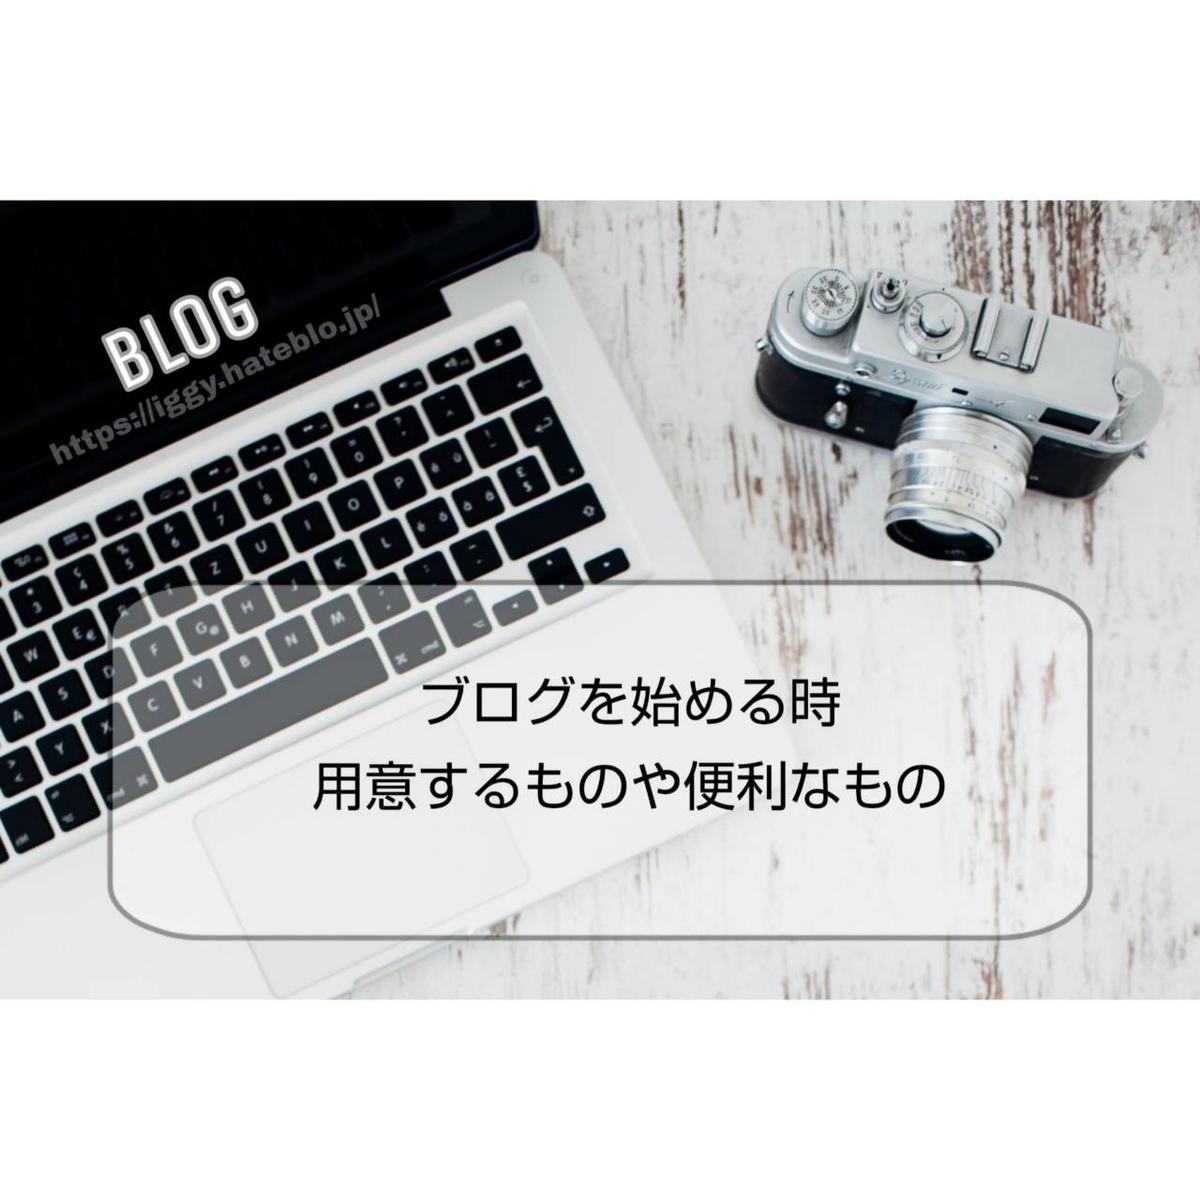 ブログを始める時 iggy2019